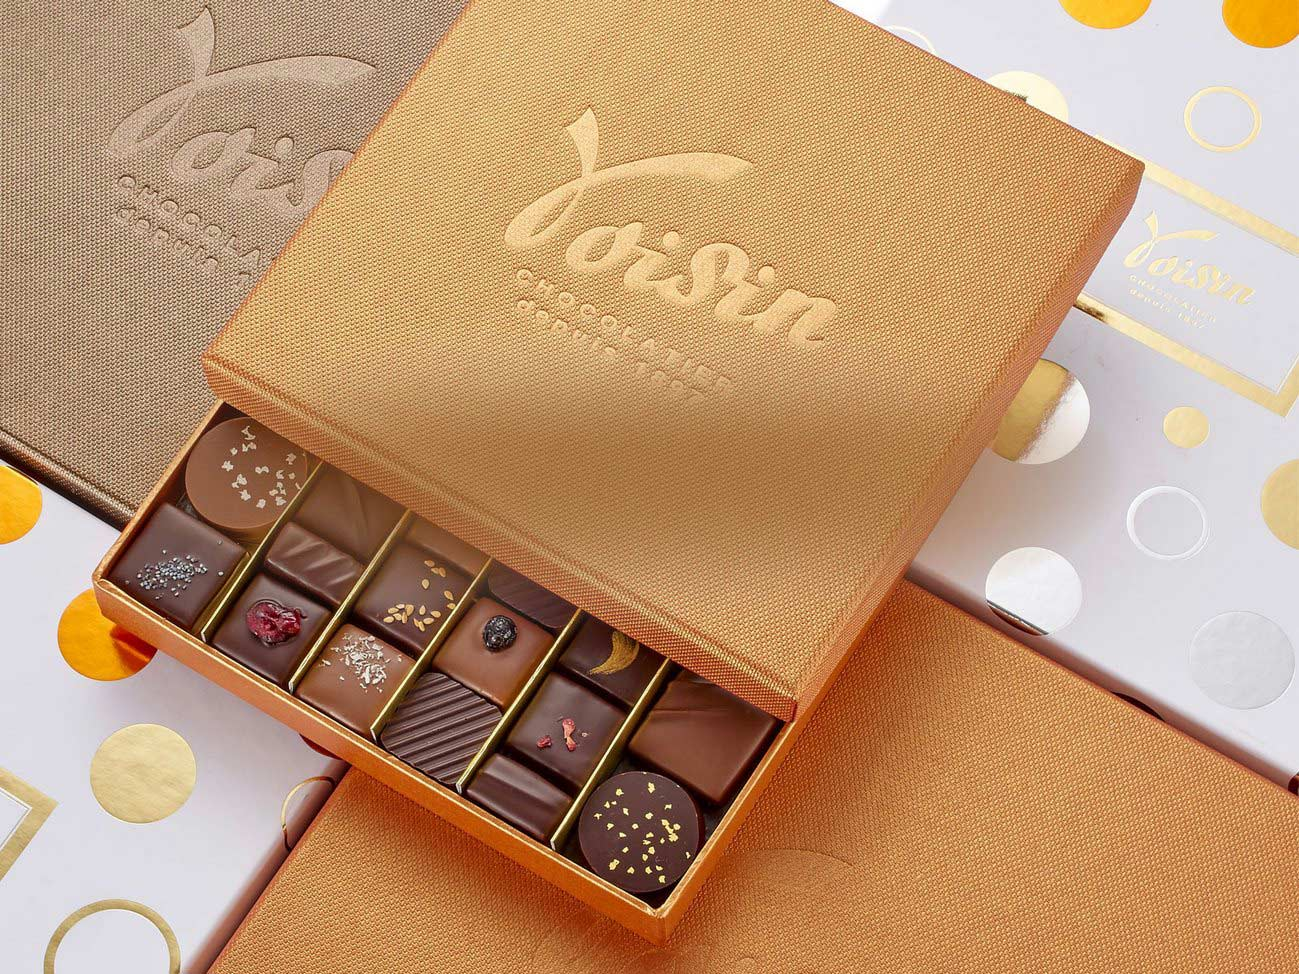 Boites cadeaux de chocolats Voisin